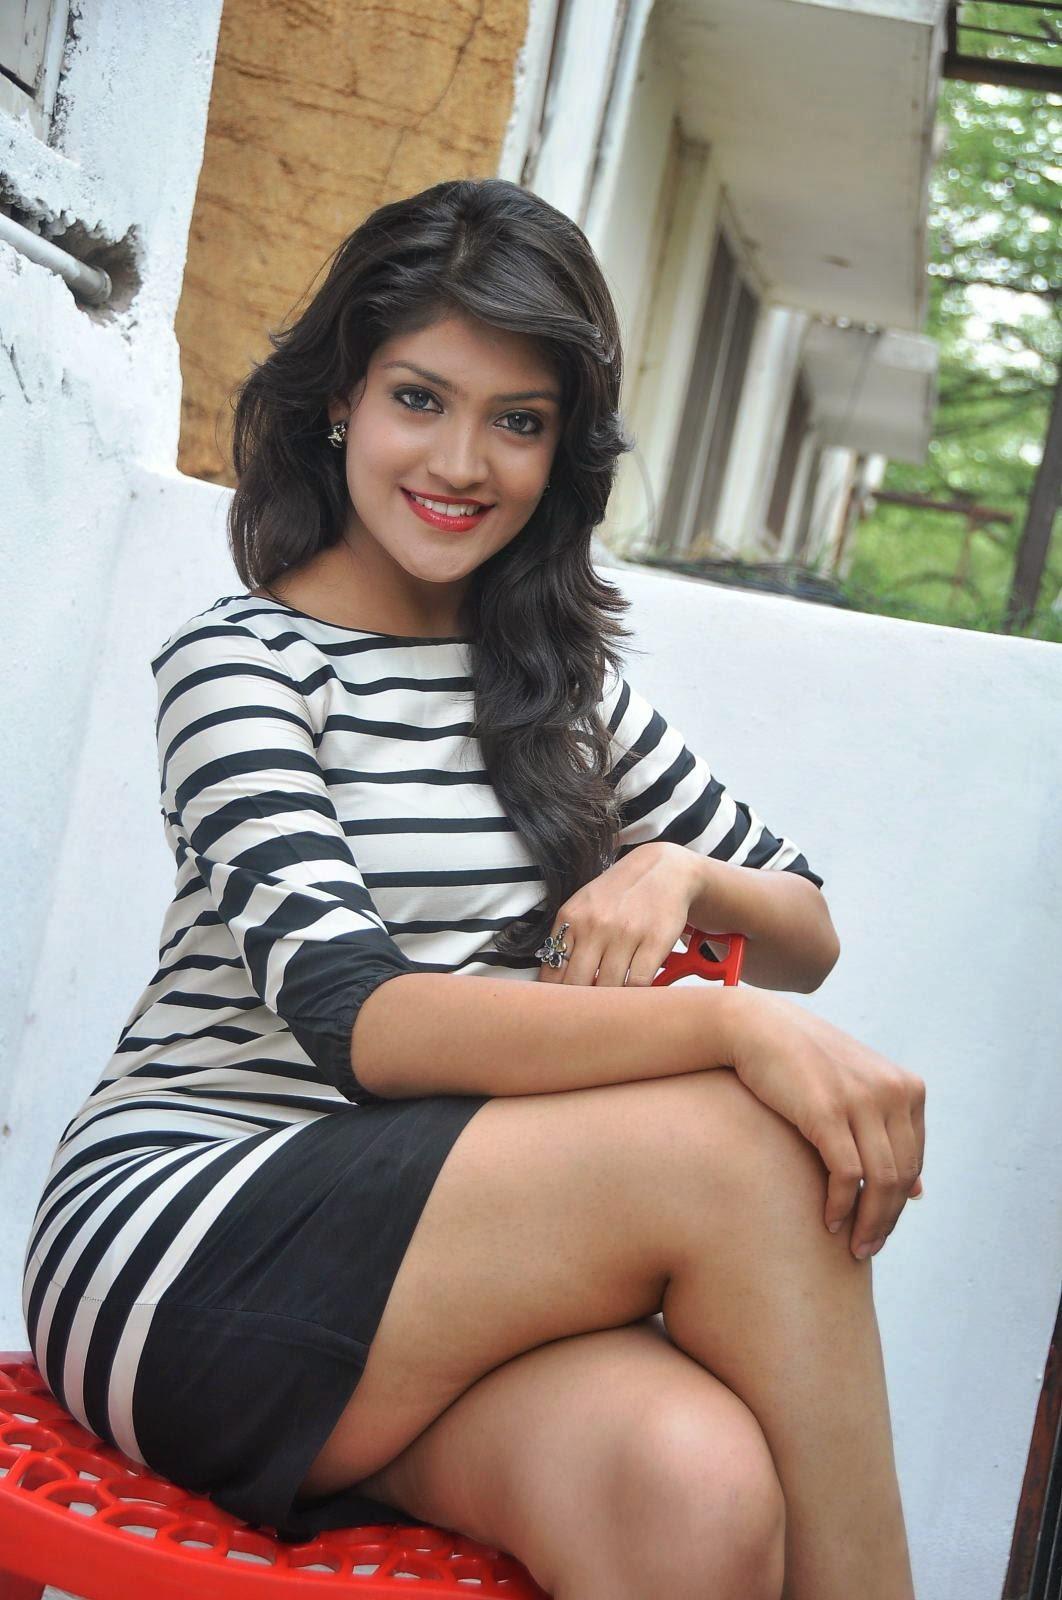 Beauty Of Legs  Actress Krupali Hot Upskirt Showing -6602